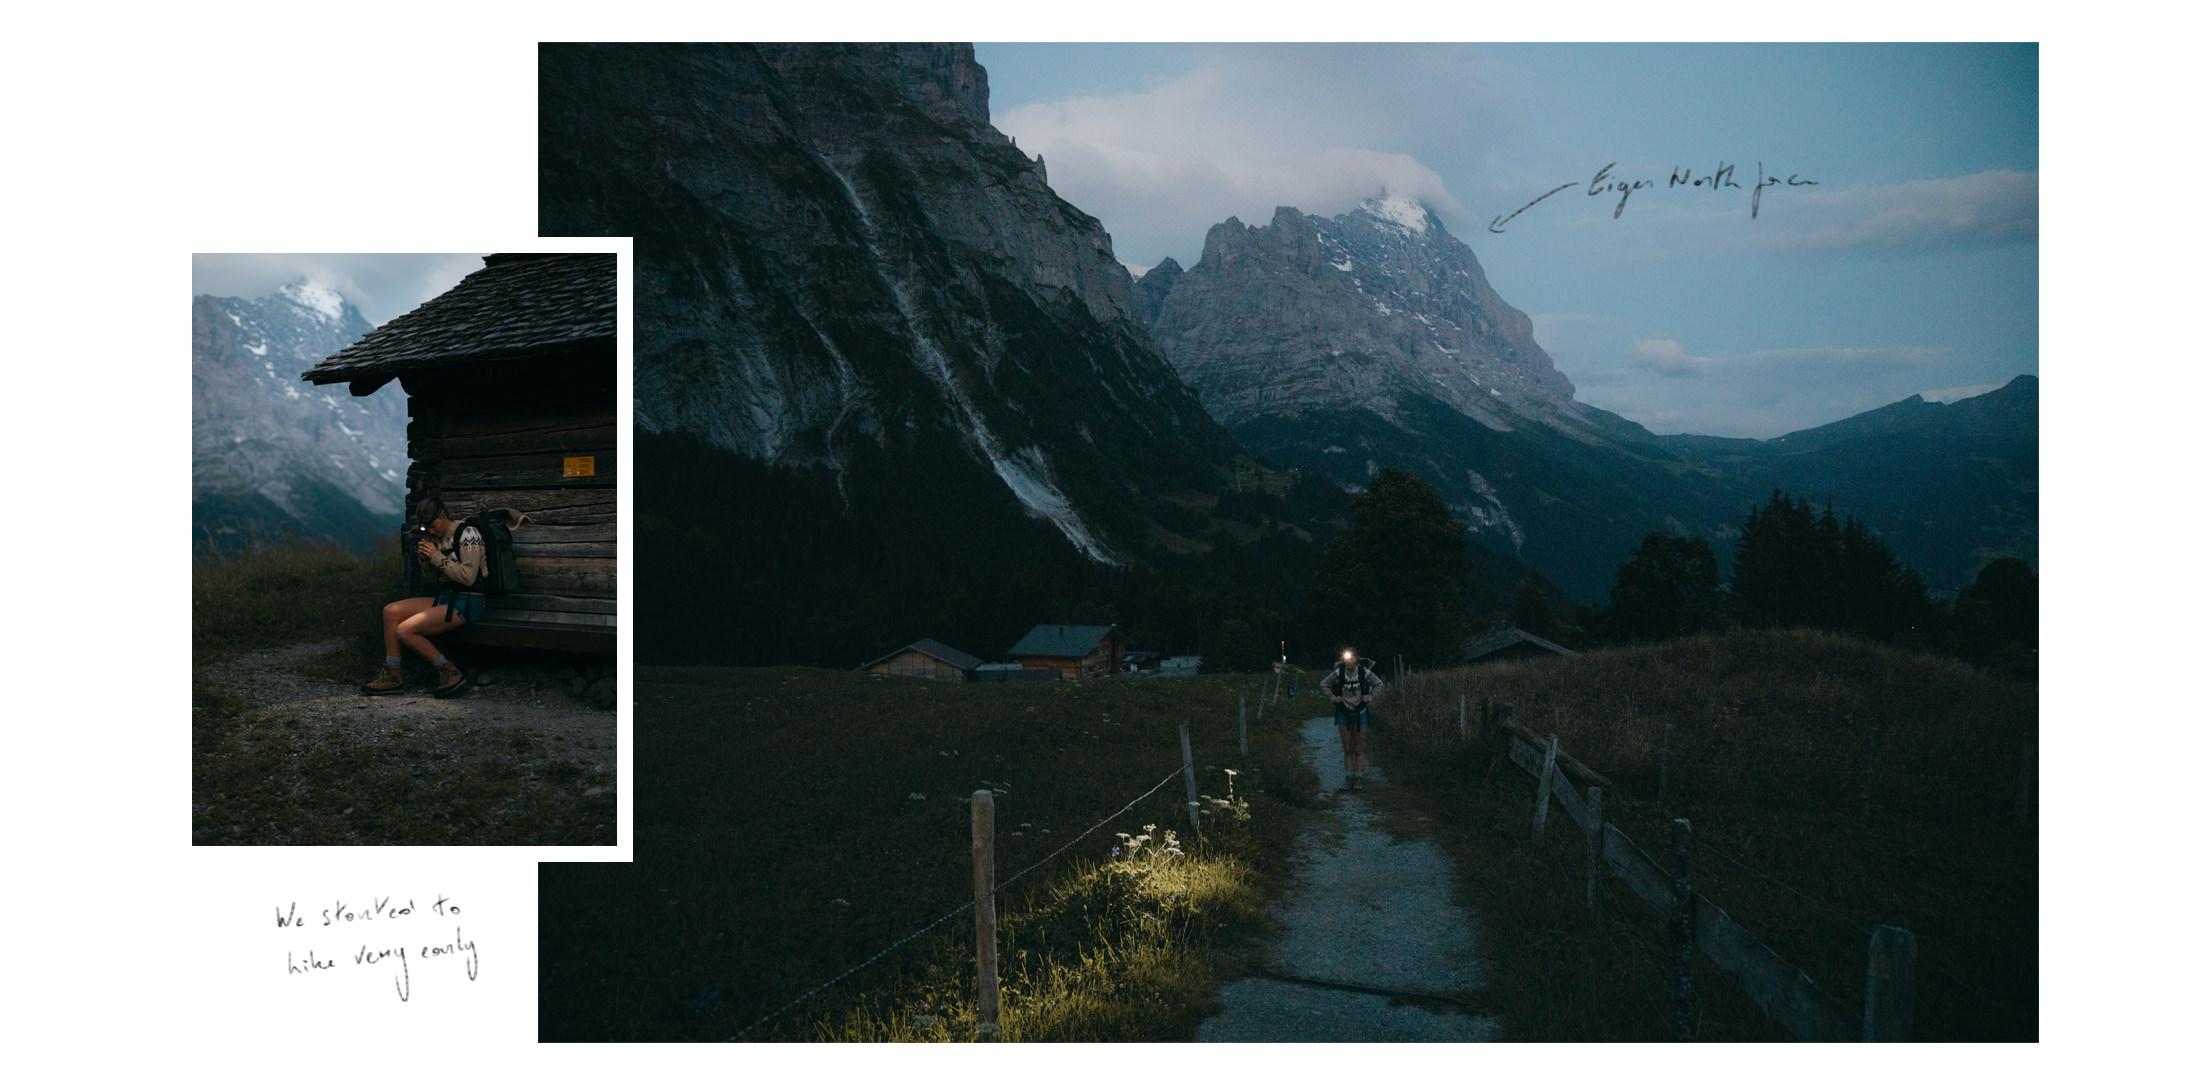 Eiger - dawn